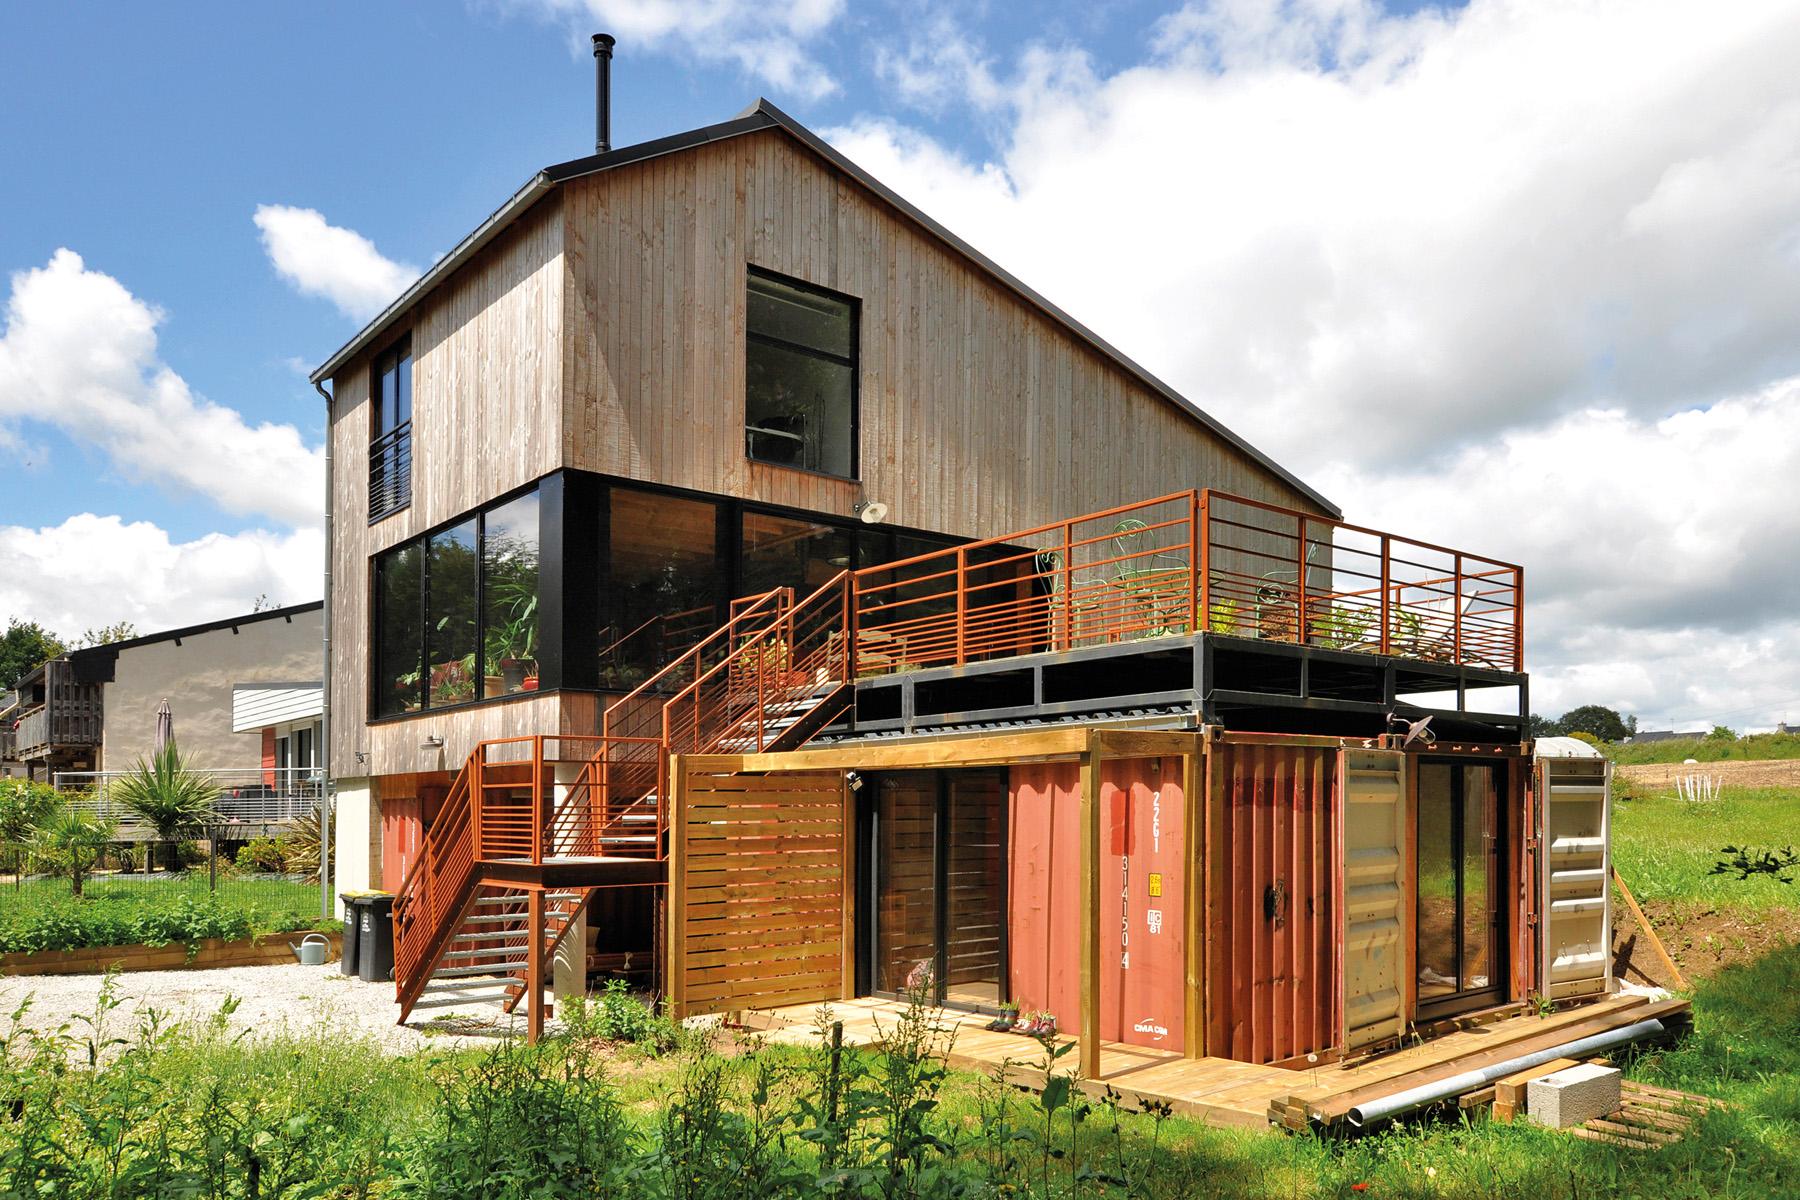 maison à l'air industriel